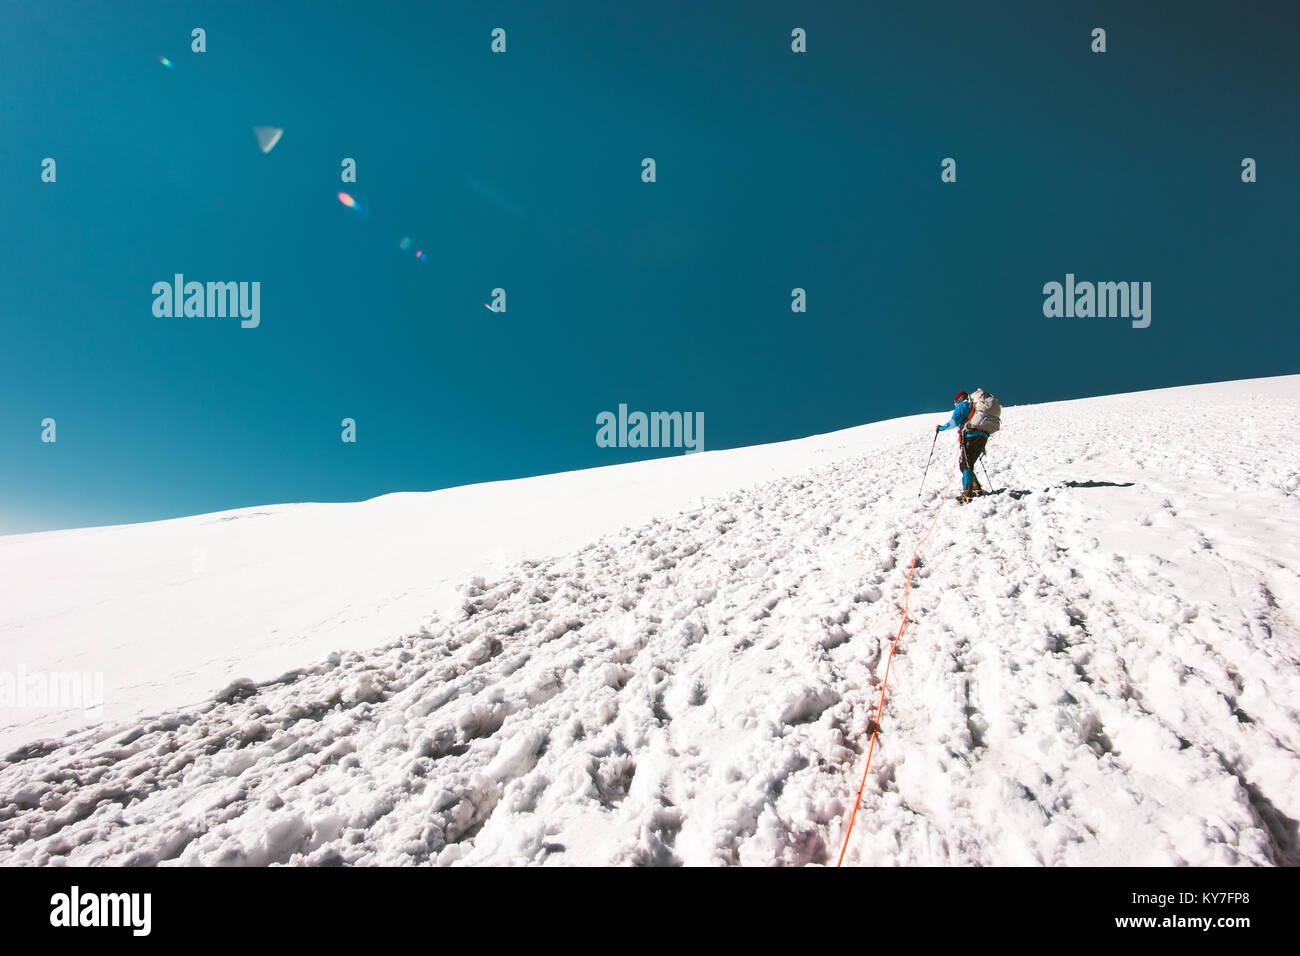 Hombre subía a la cumbre de la montaña en glaciar Viajes Aventura concepto de estilo de vida de vacaciones Imagen De Stock